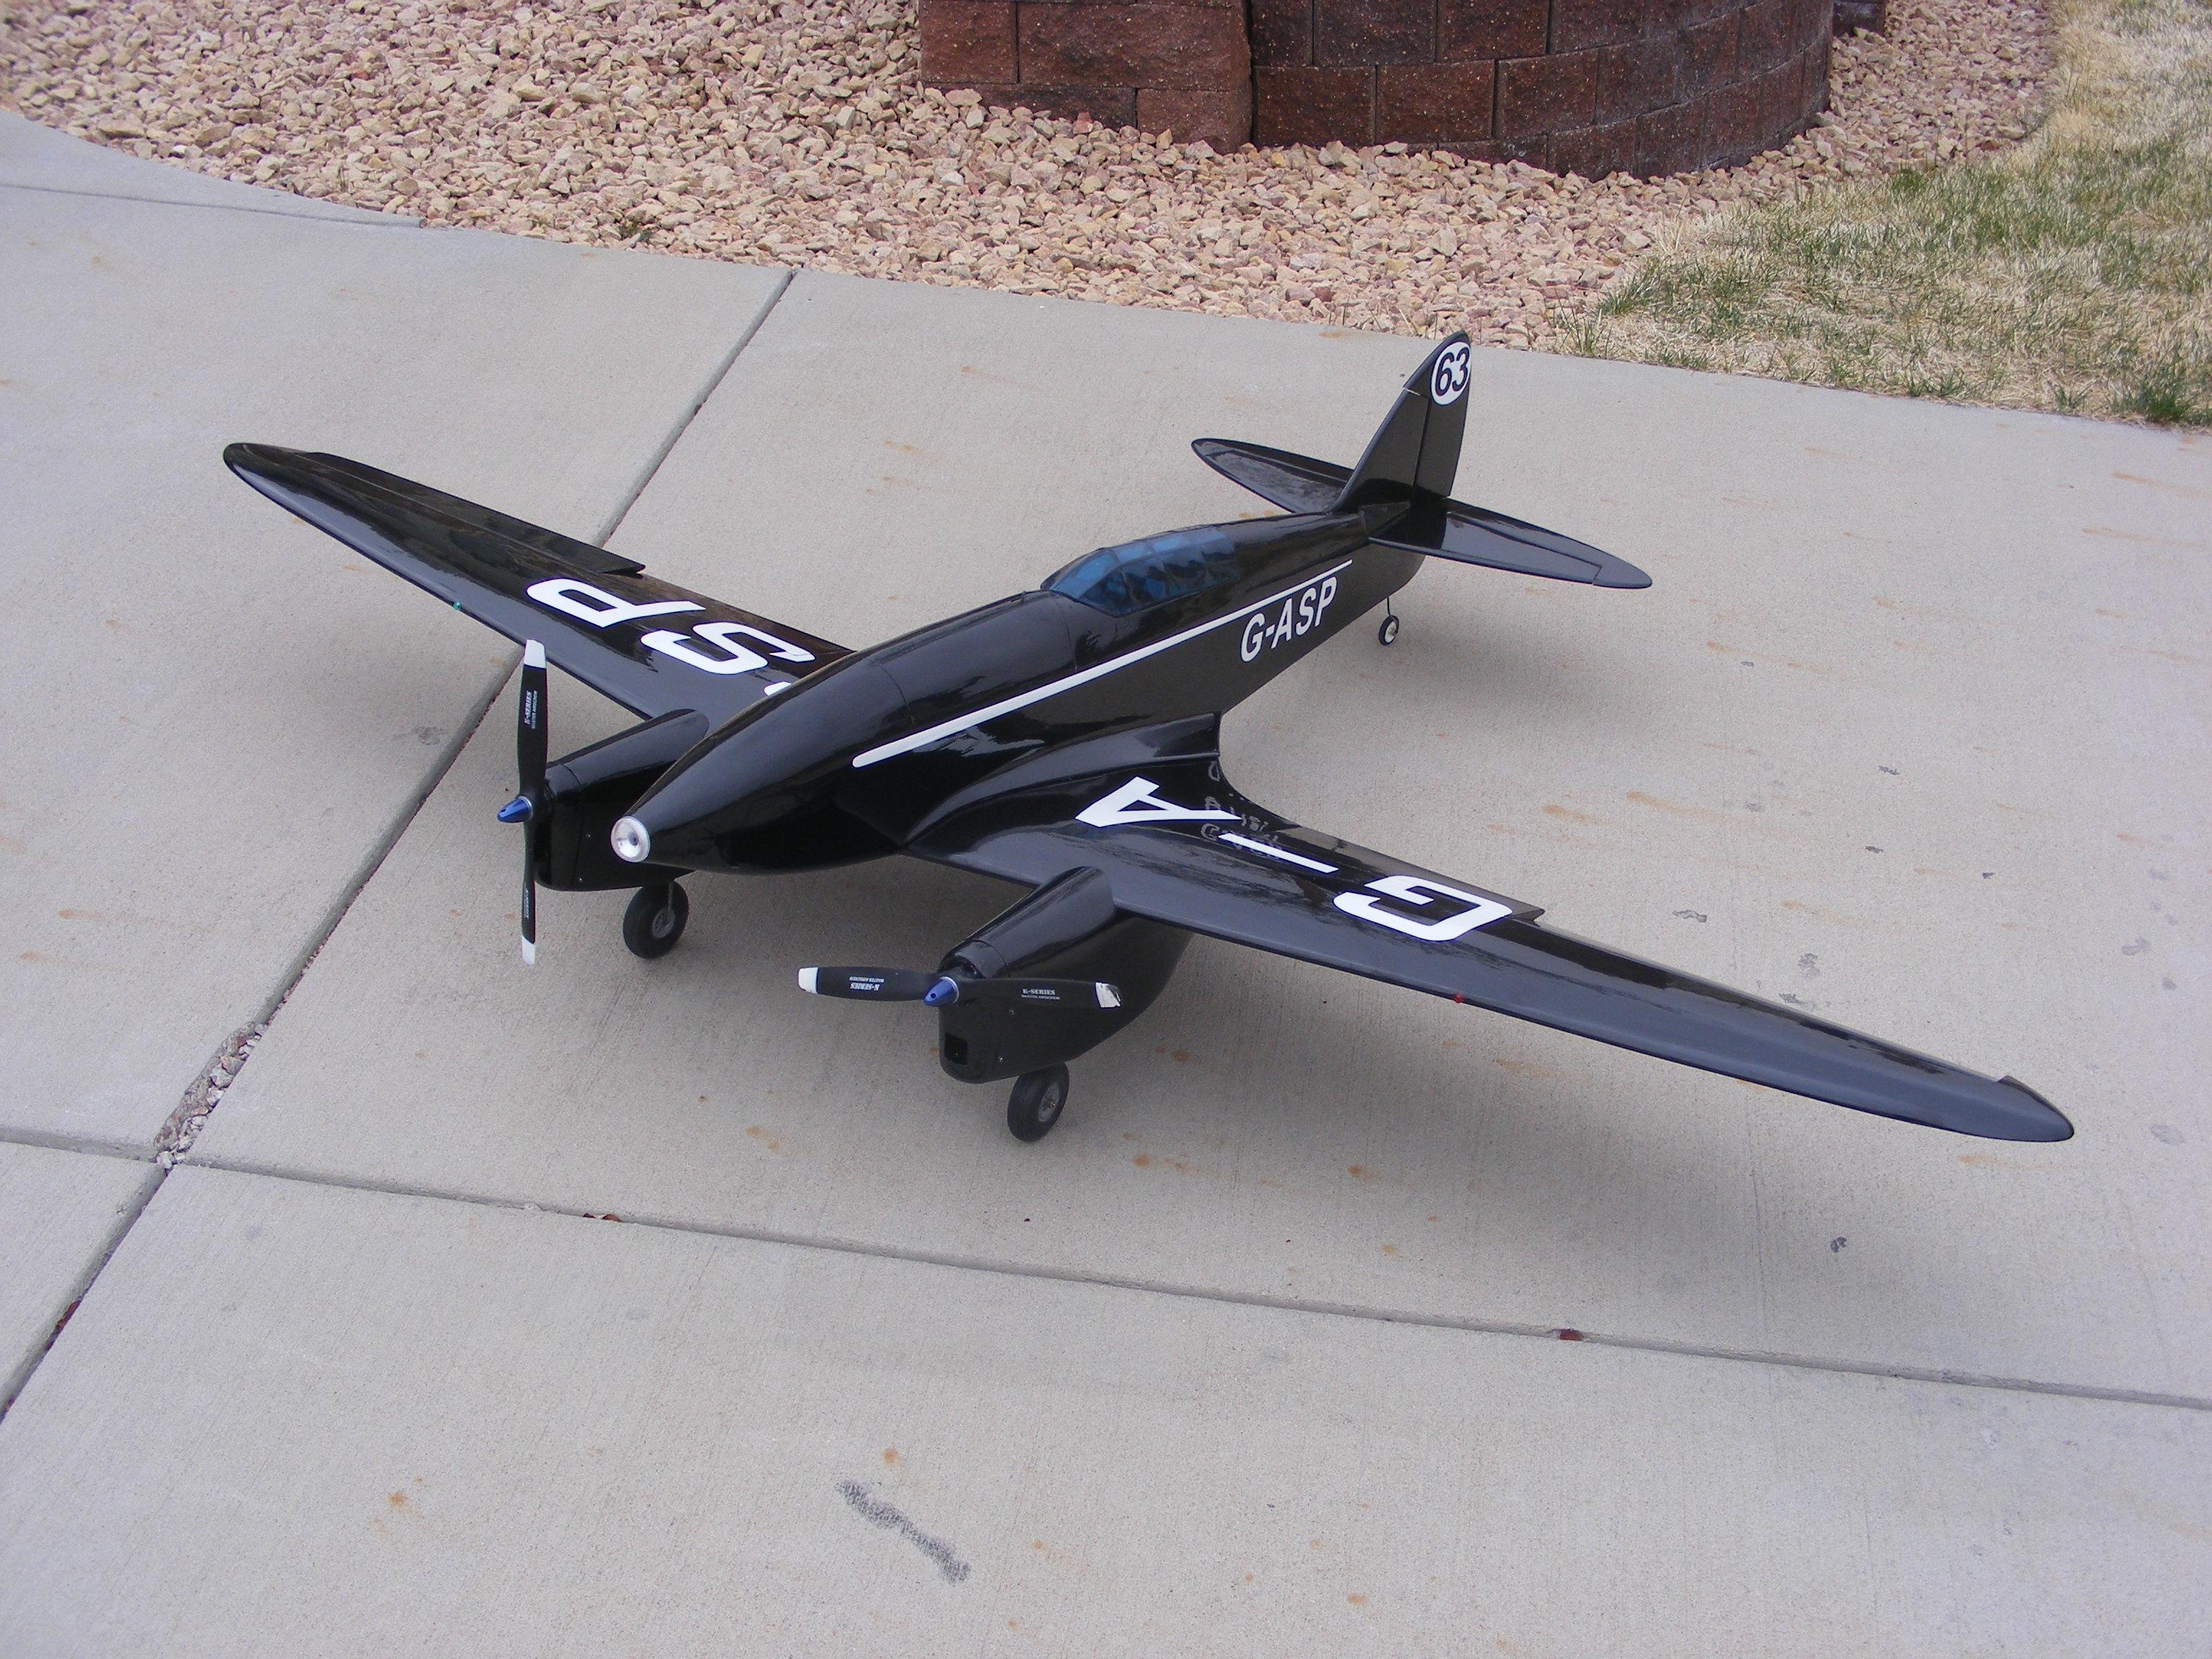 De Havilland DH 88 Comet Full Build Part III